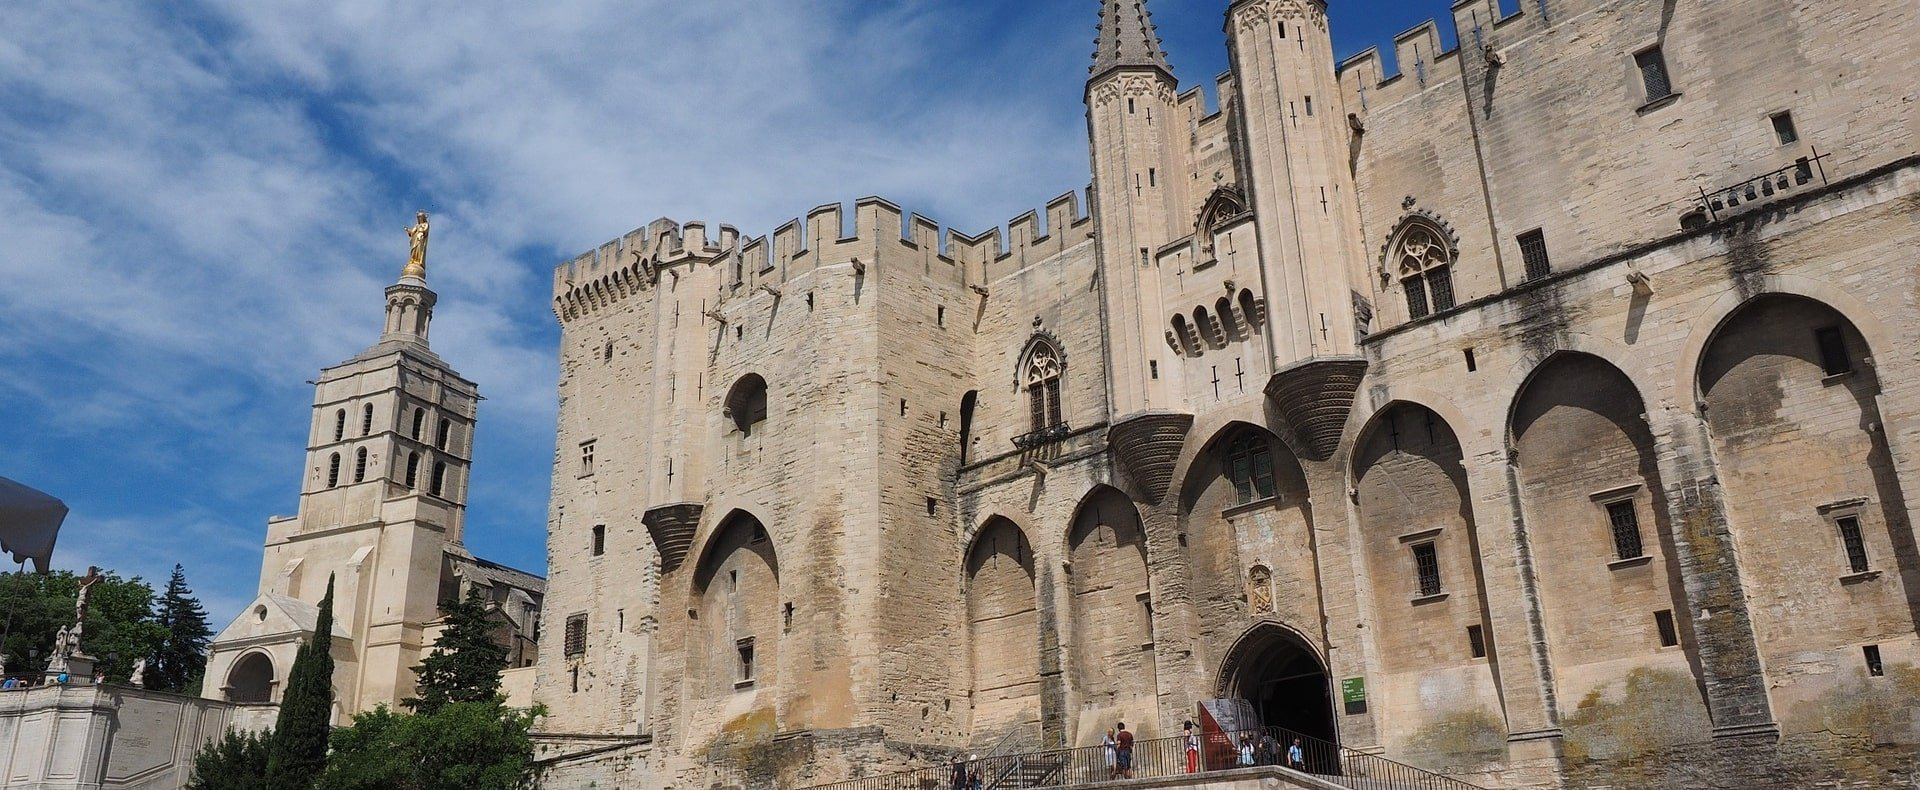 Popes' Palace